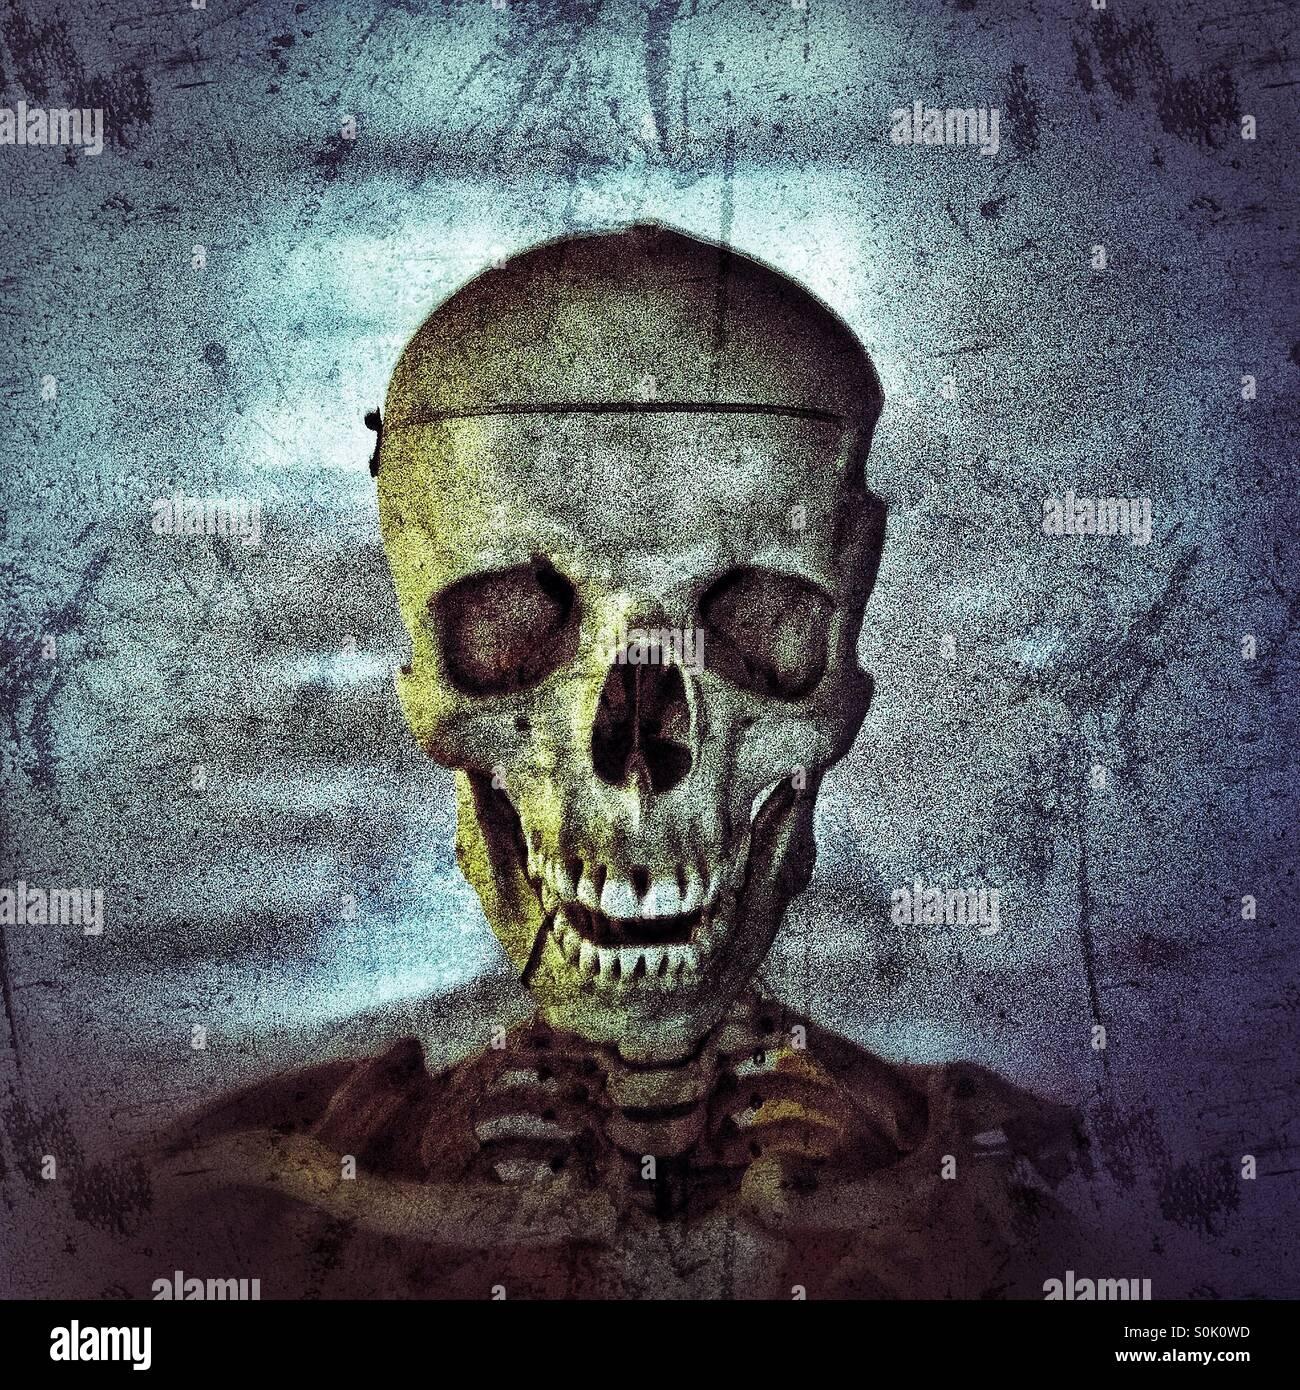 Anatomical skeleton - Stock Image